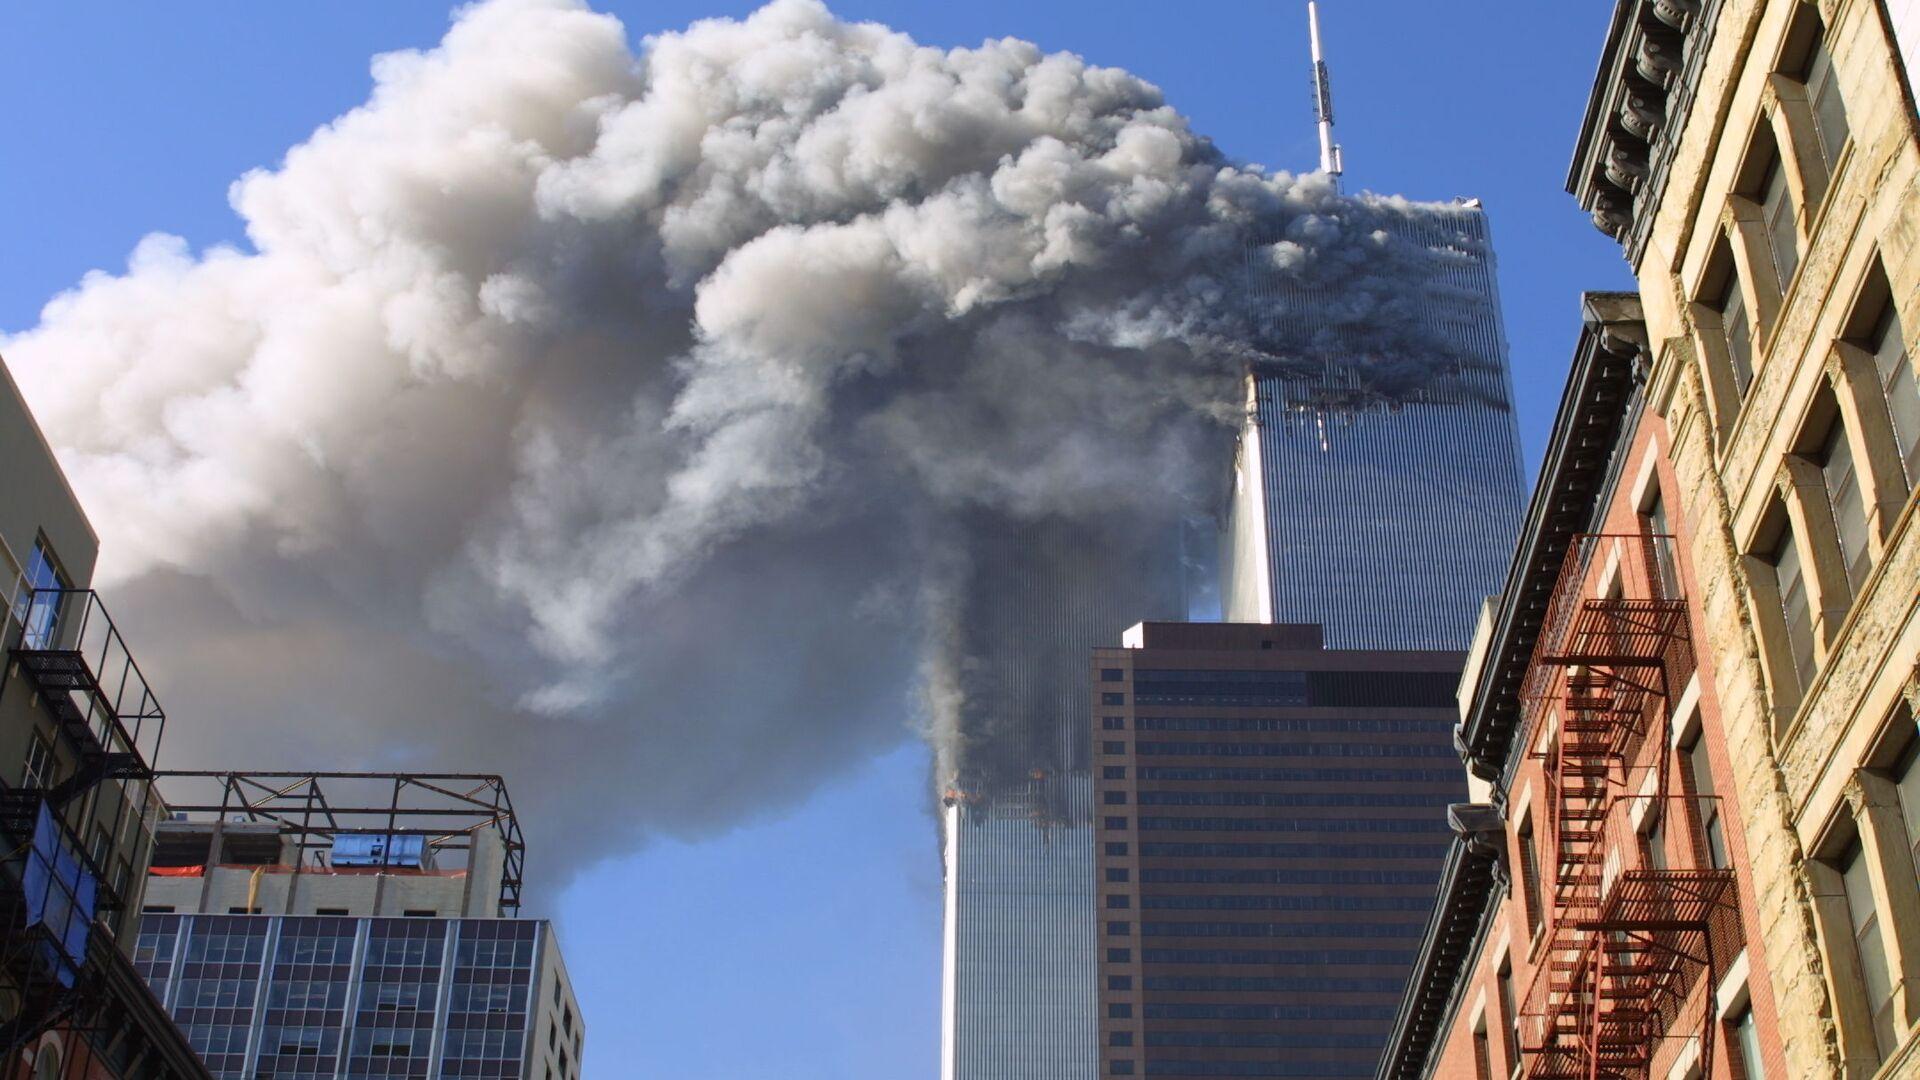 L'attentato terroristico dell'11 settembre a New York - Sputnik Italia, 1920, 08.09.2021